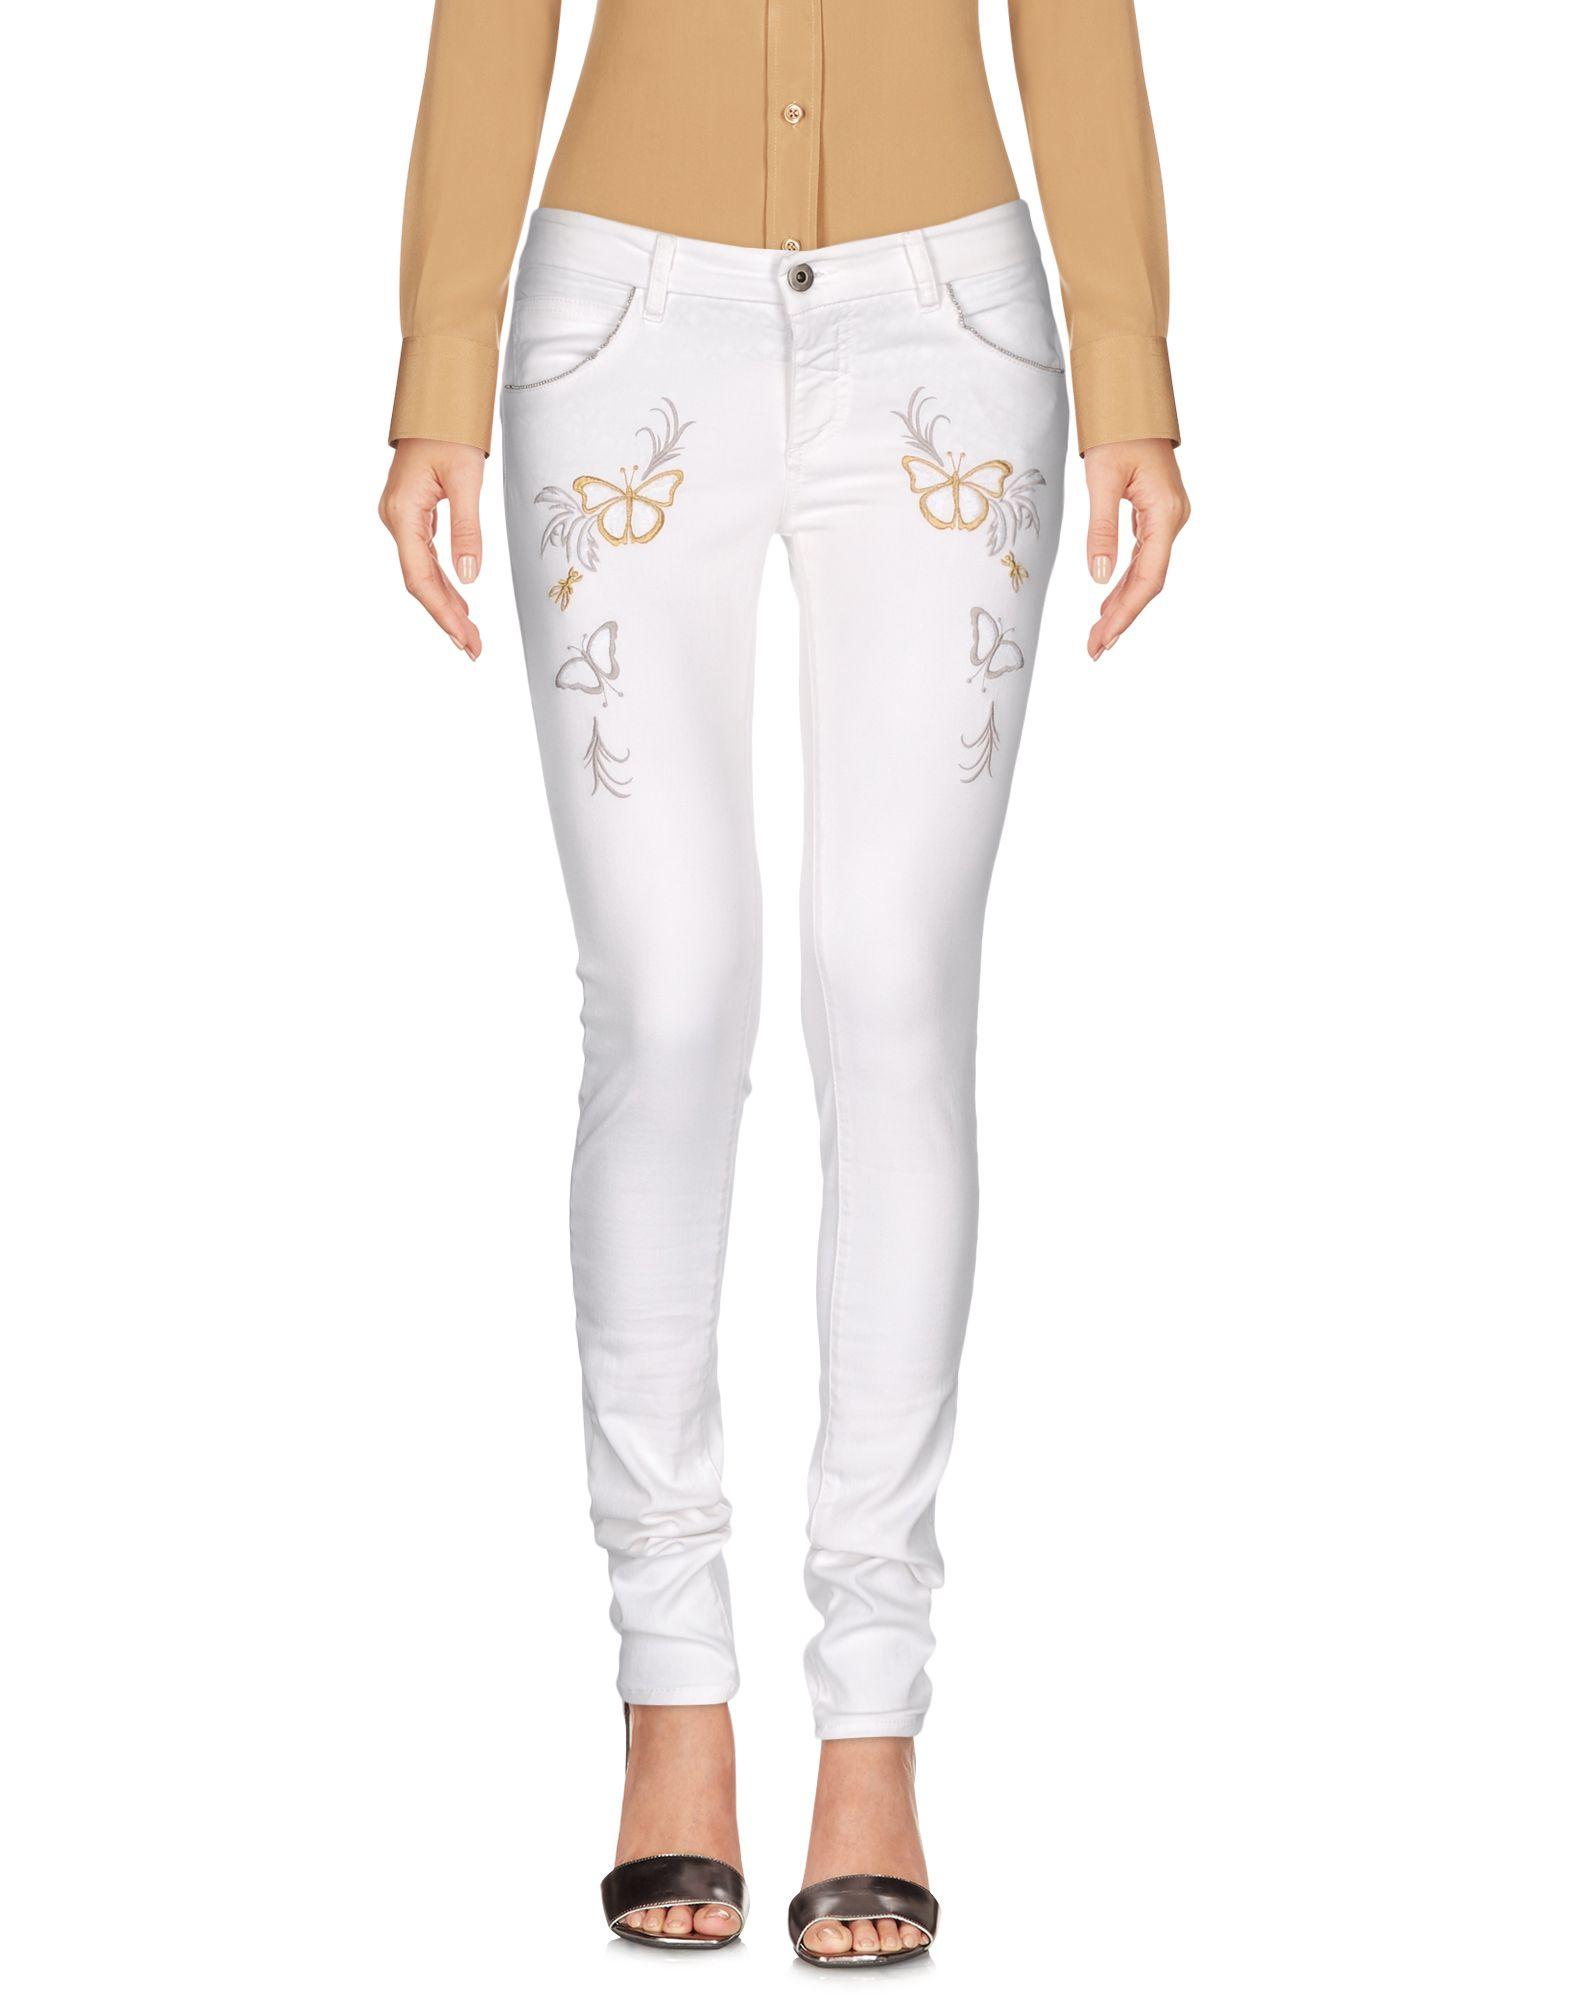 PATRIZIA PEPE Повседневные брюки patrizia pepe обтягивающие джинсы с 5 карманами из денима стрейч со стразами